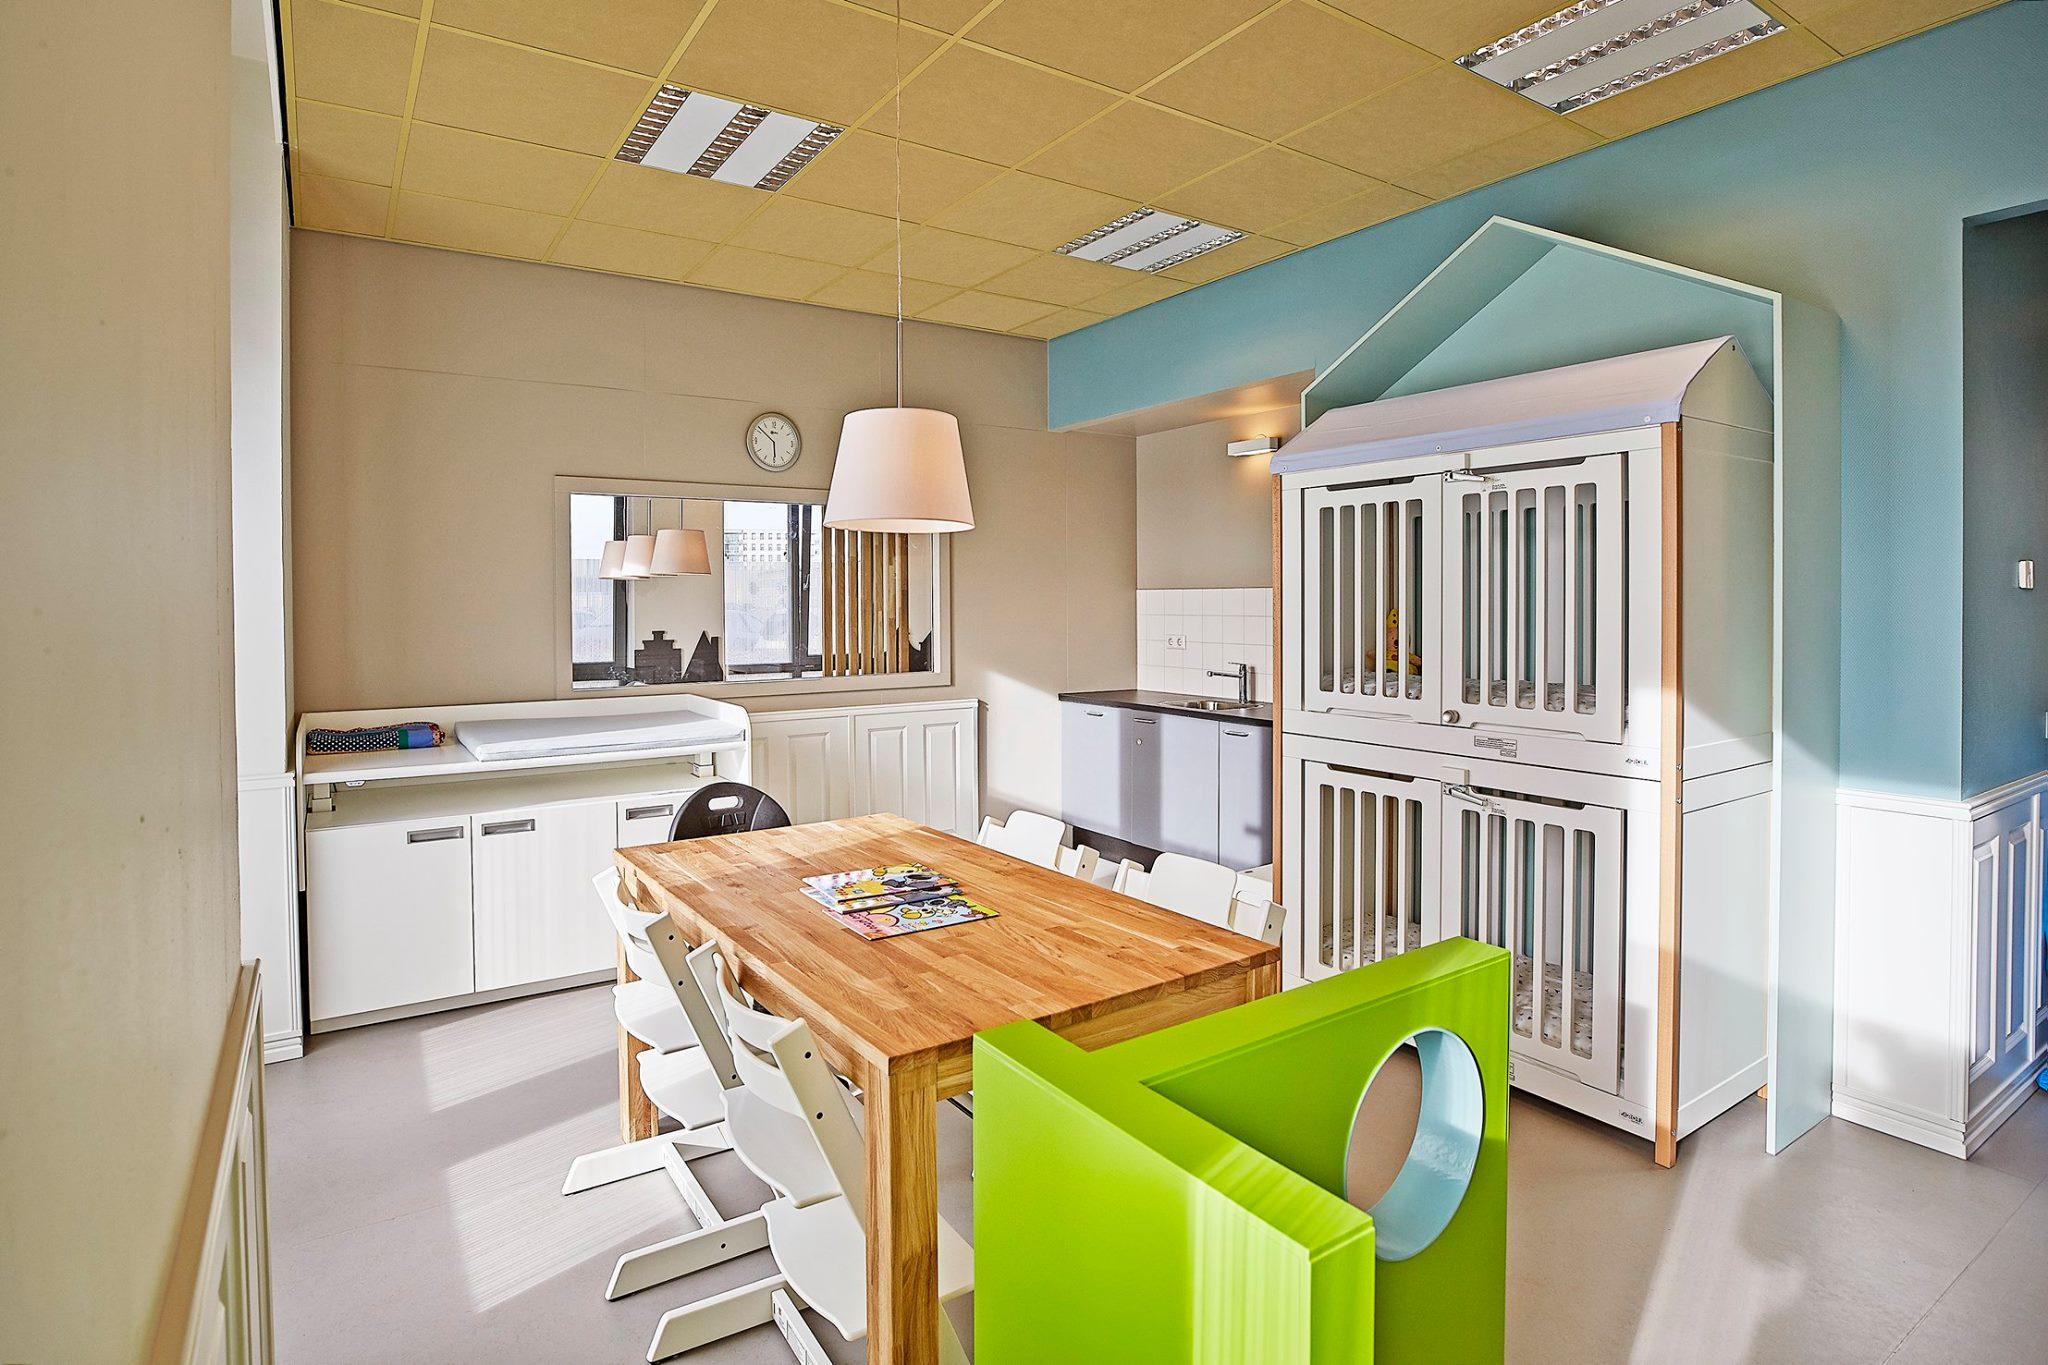 Tovertuin Blijf Oranje Huis Almere 4